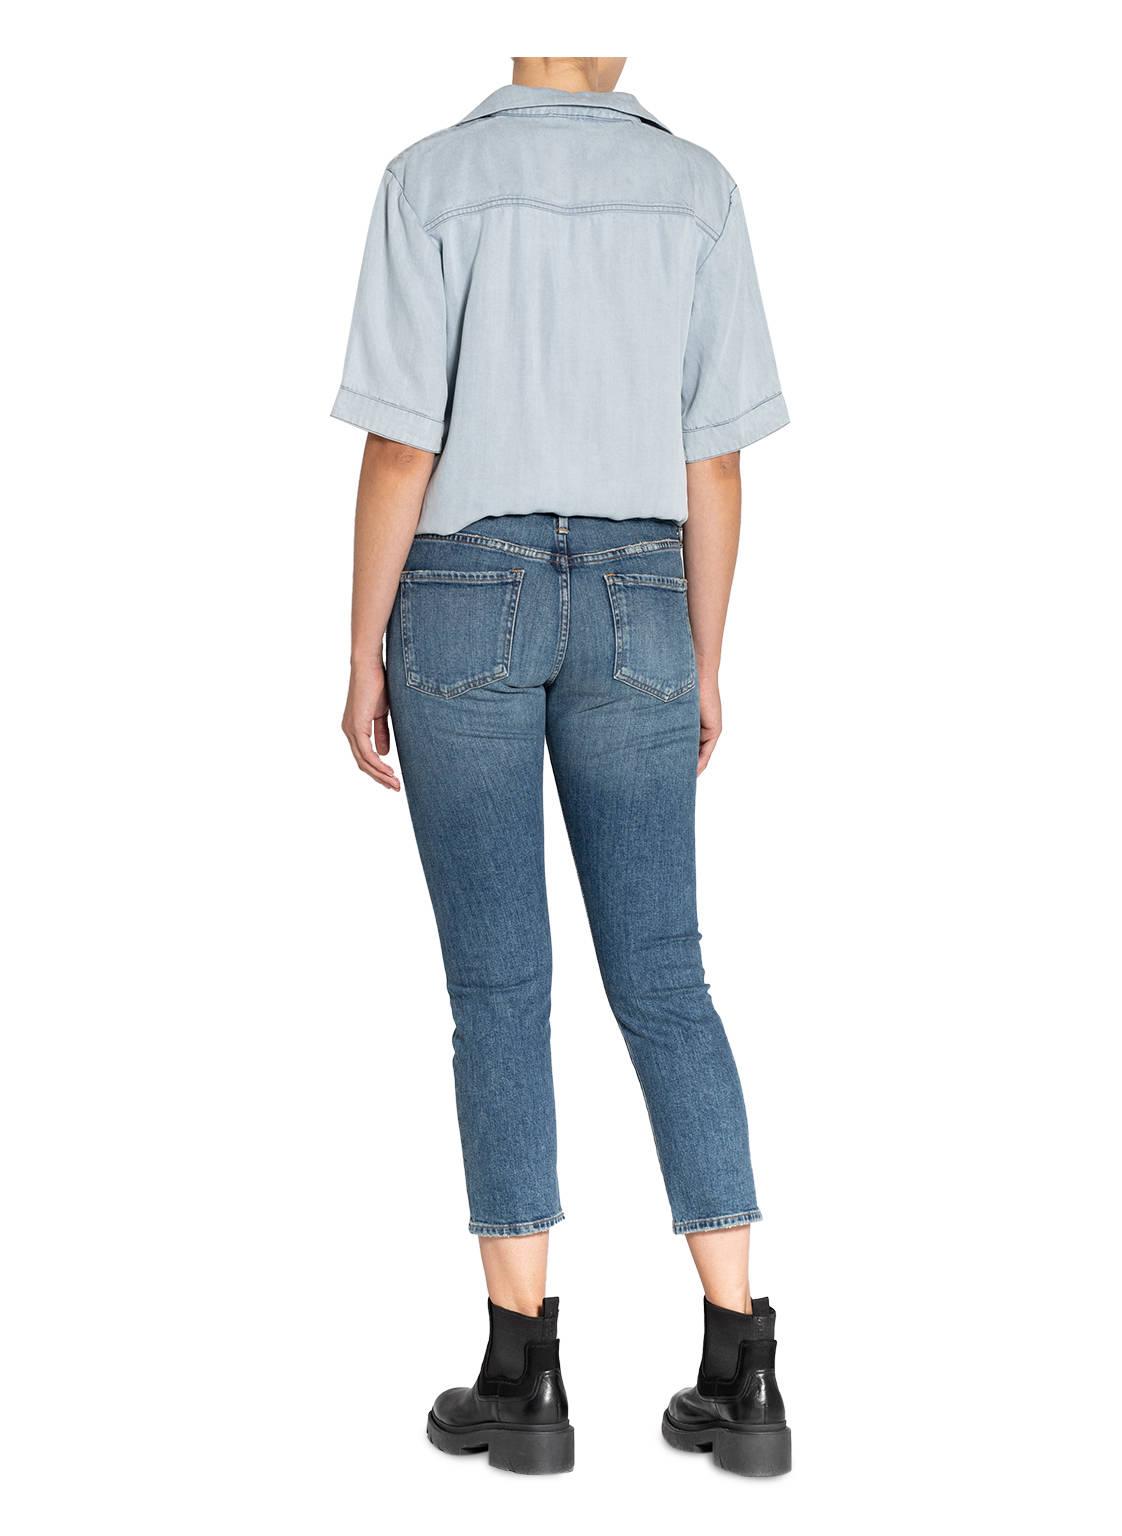 Damen Bekleidung 7/8-Jeans ELSA  von CITIZENS of HUMANITY